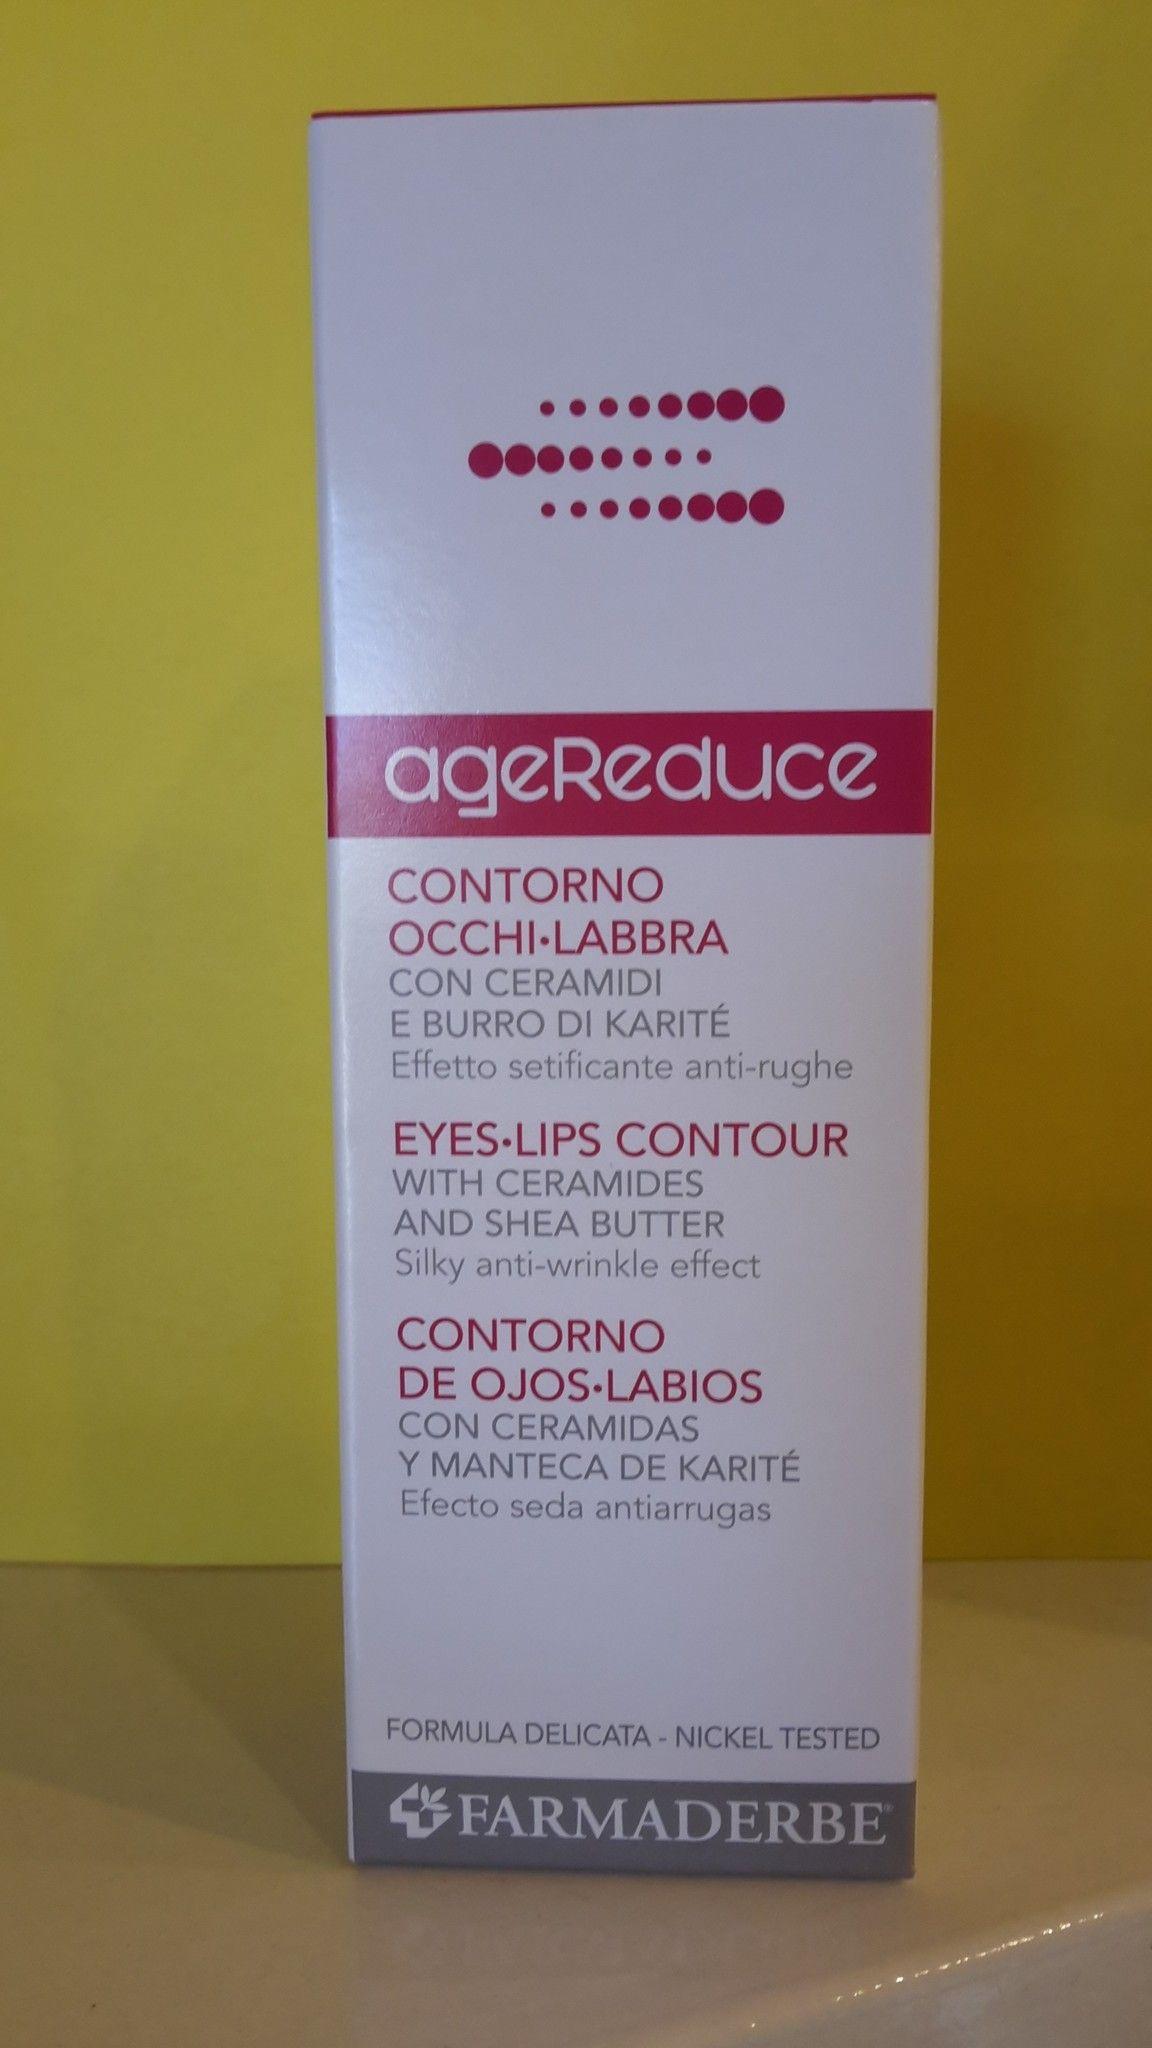 AgeReduce Contorno Occhi- Labbra 30 ml- FARMADERBE